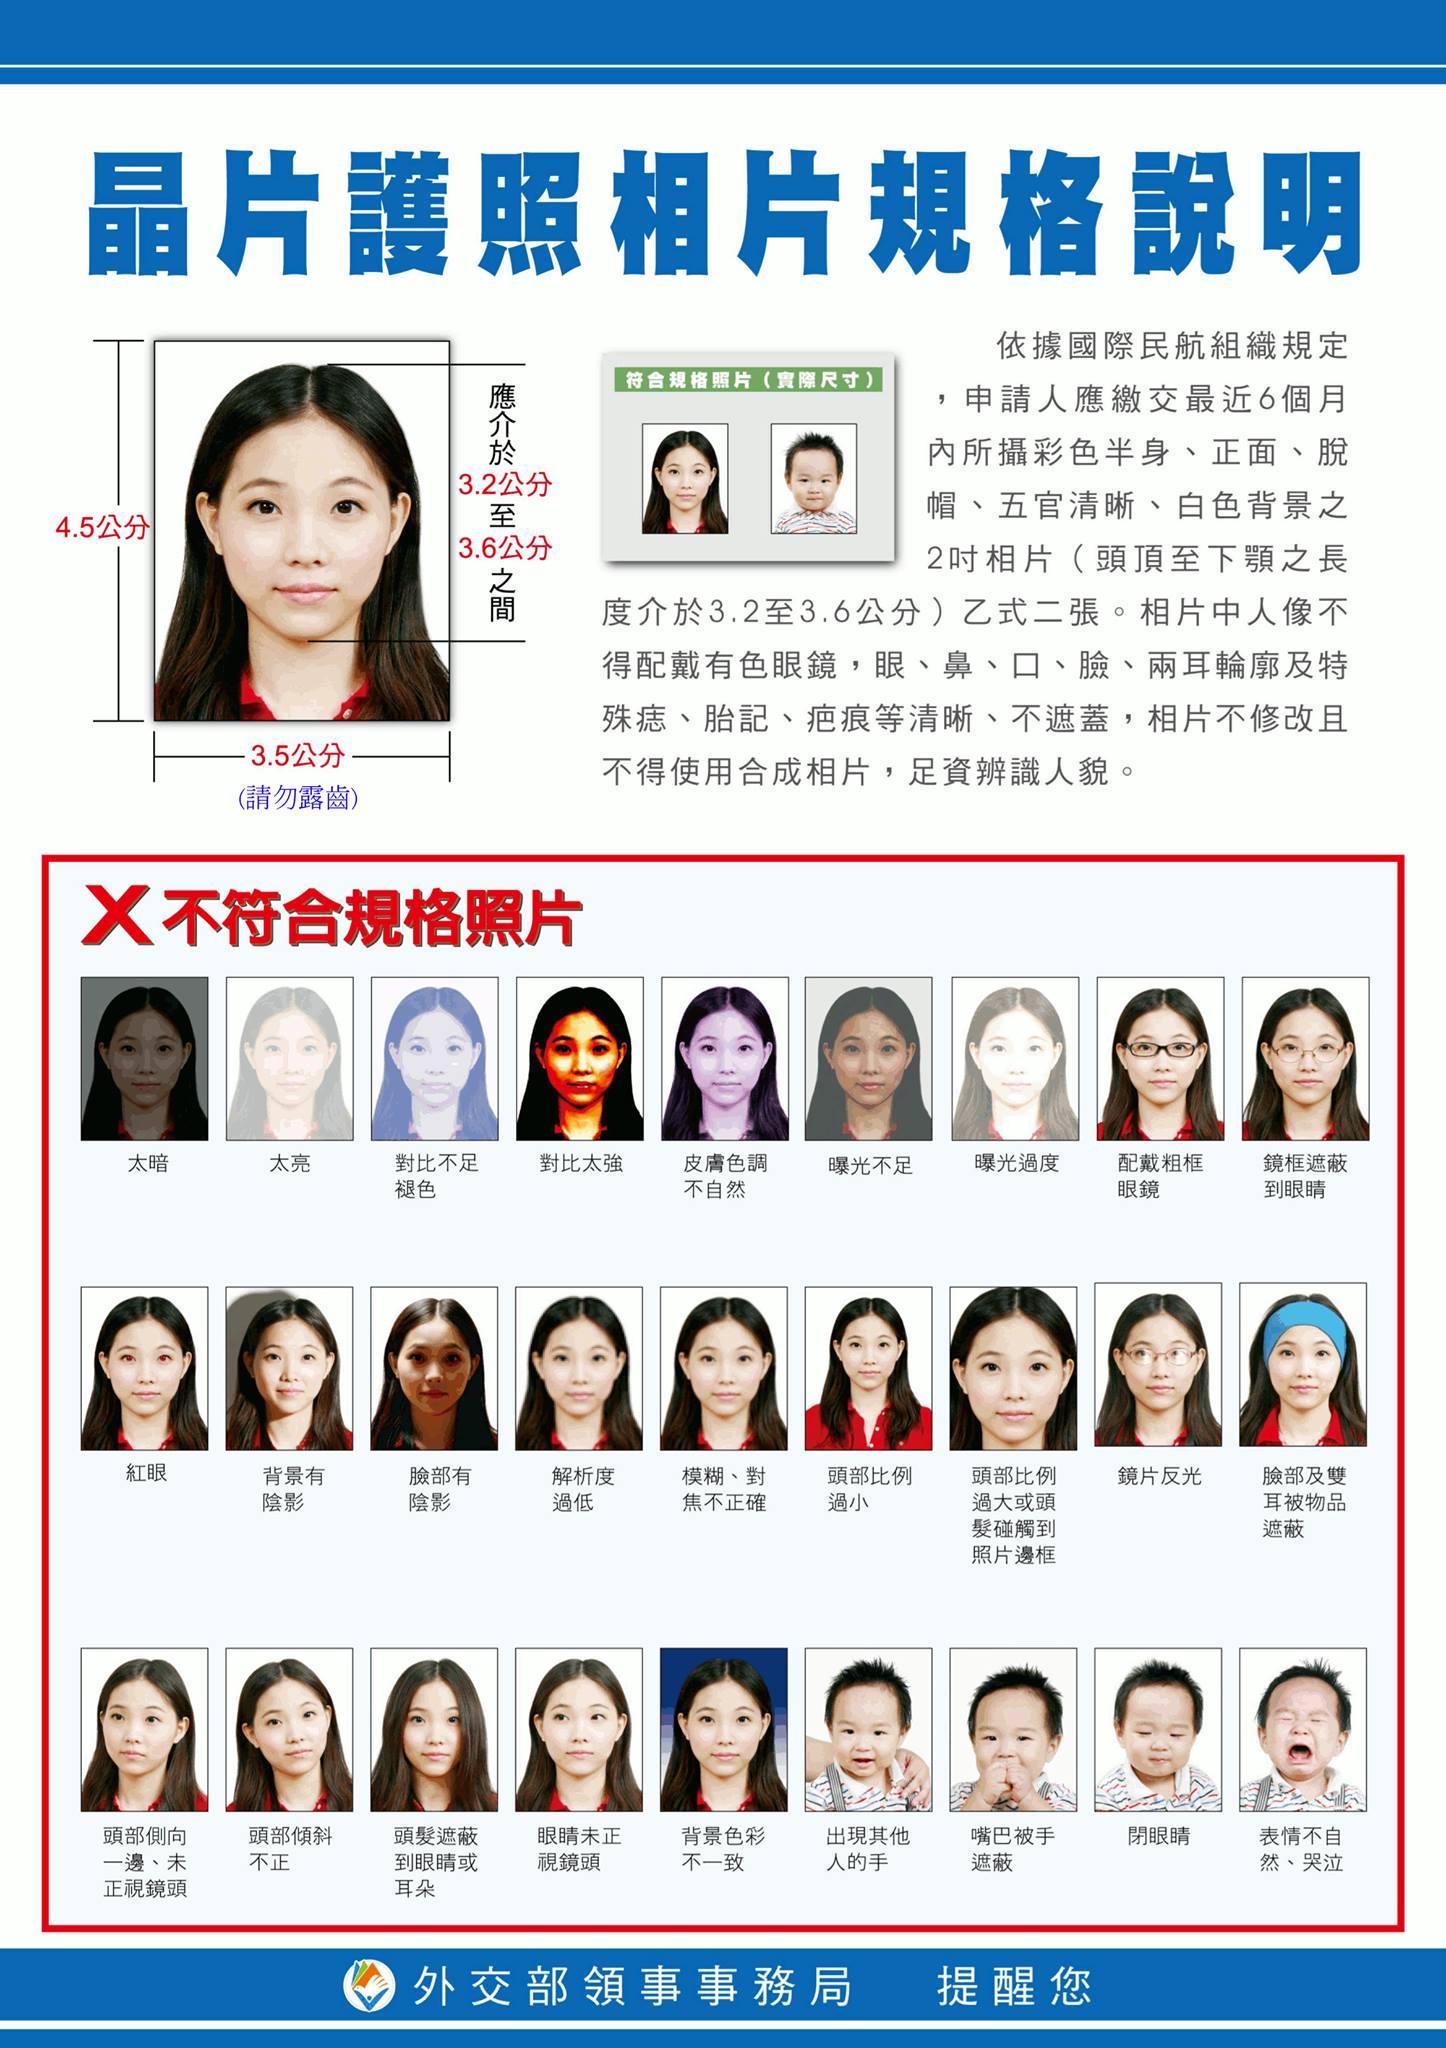 中華民國晶片護照照片規格說明